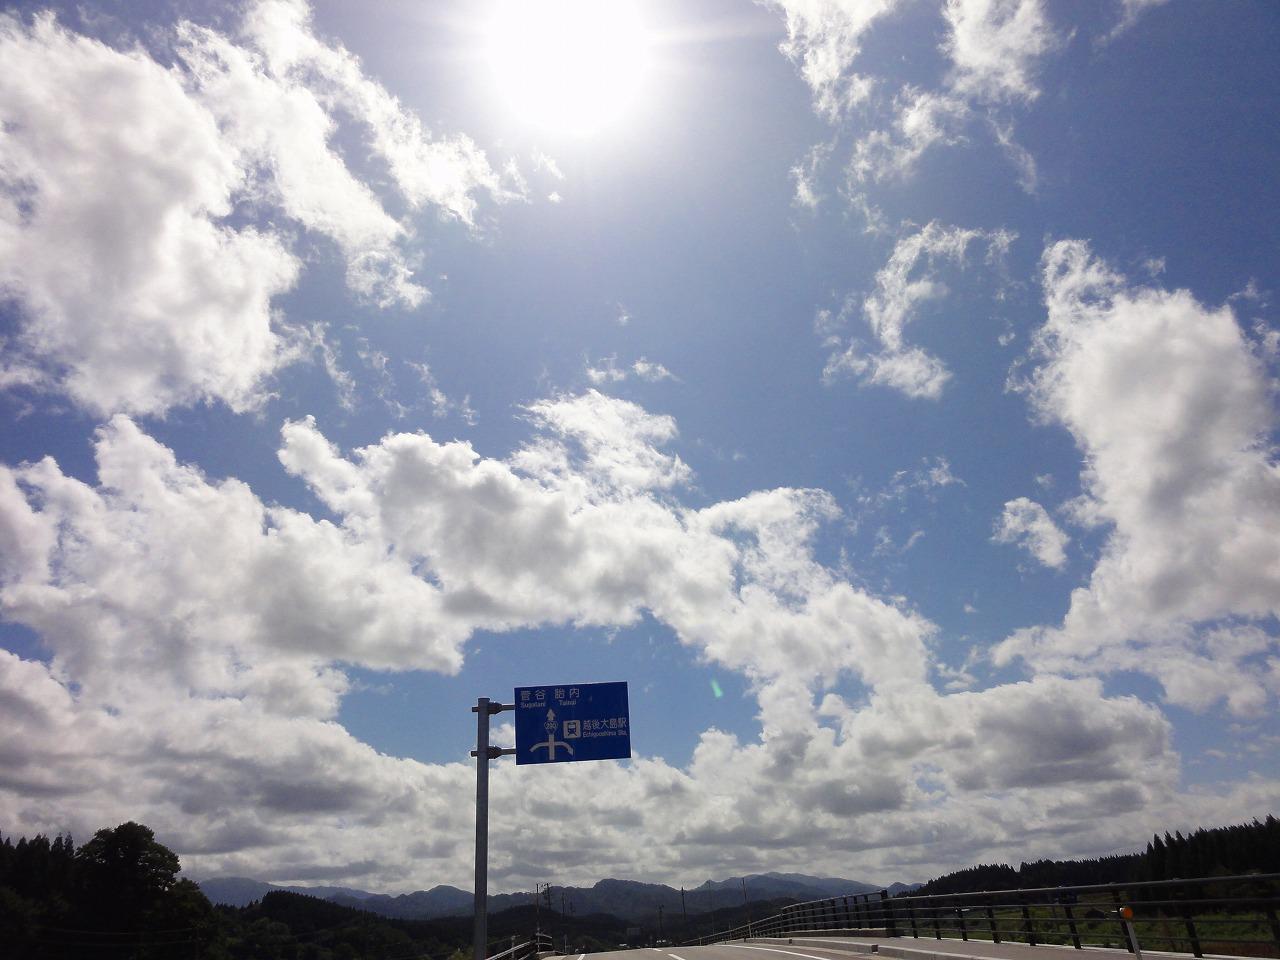 ひさしぶりのキャンプツーリング(新潟)